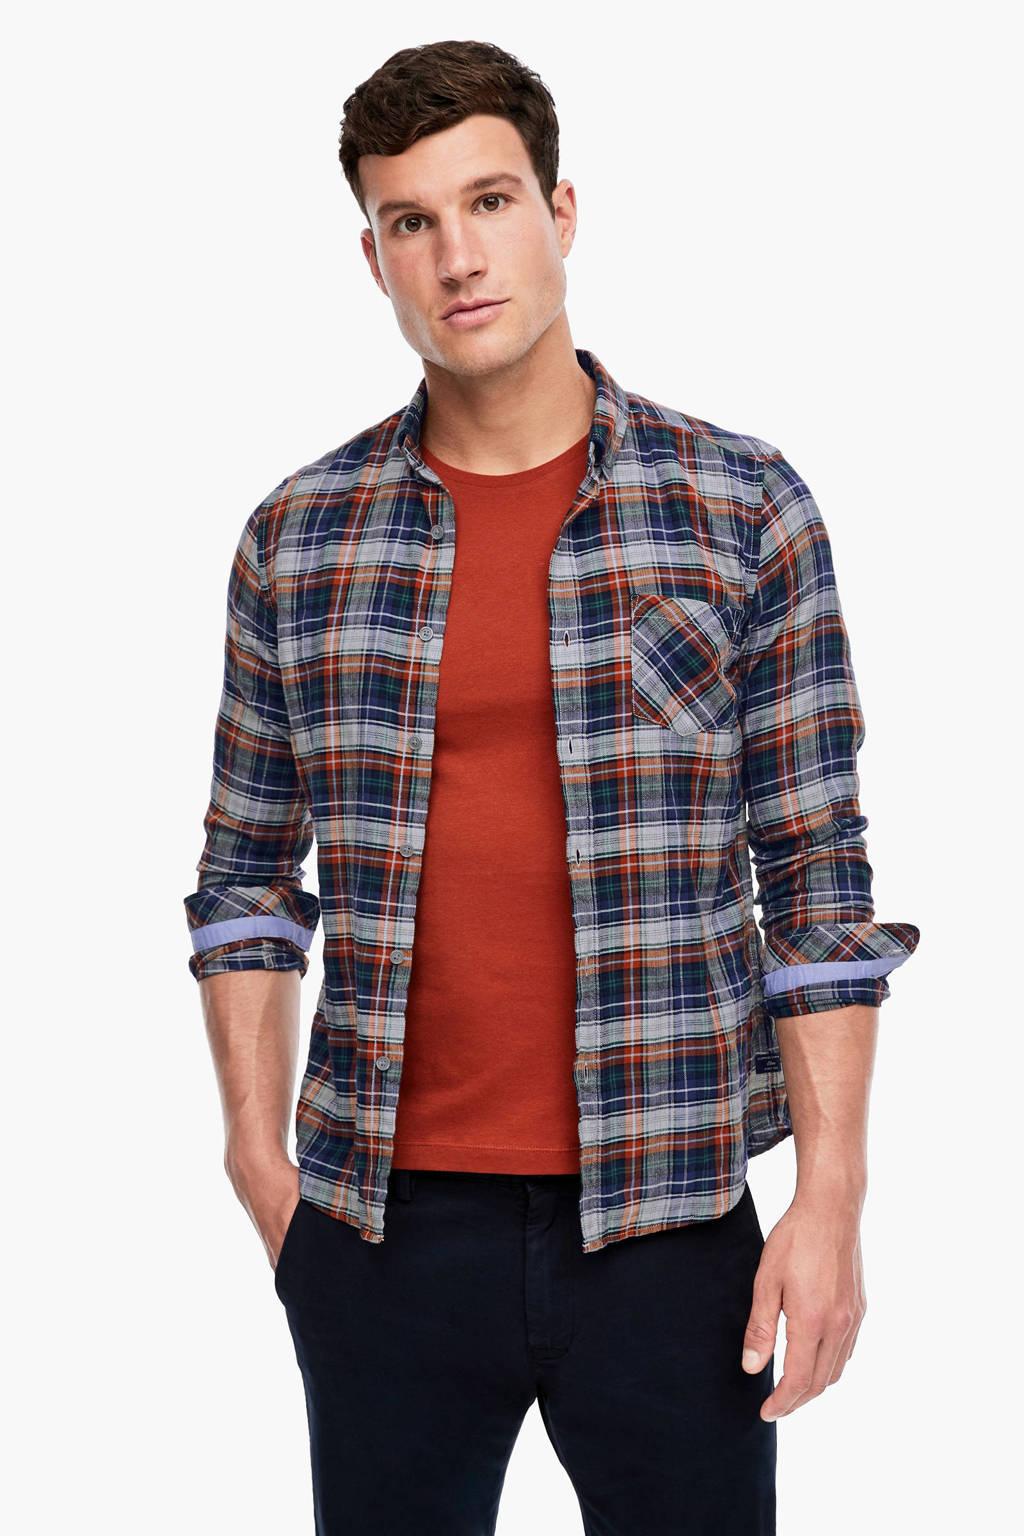 s.Oliver geruit slim fit overhemd lichtgrijs/blauw/rood, Lichtgrijs/blauw/rood